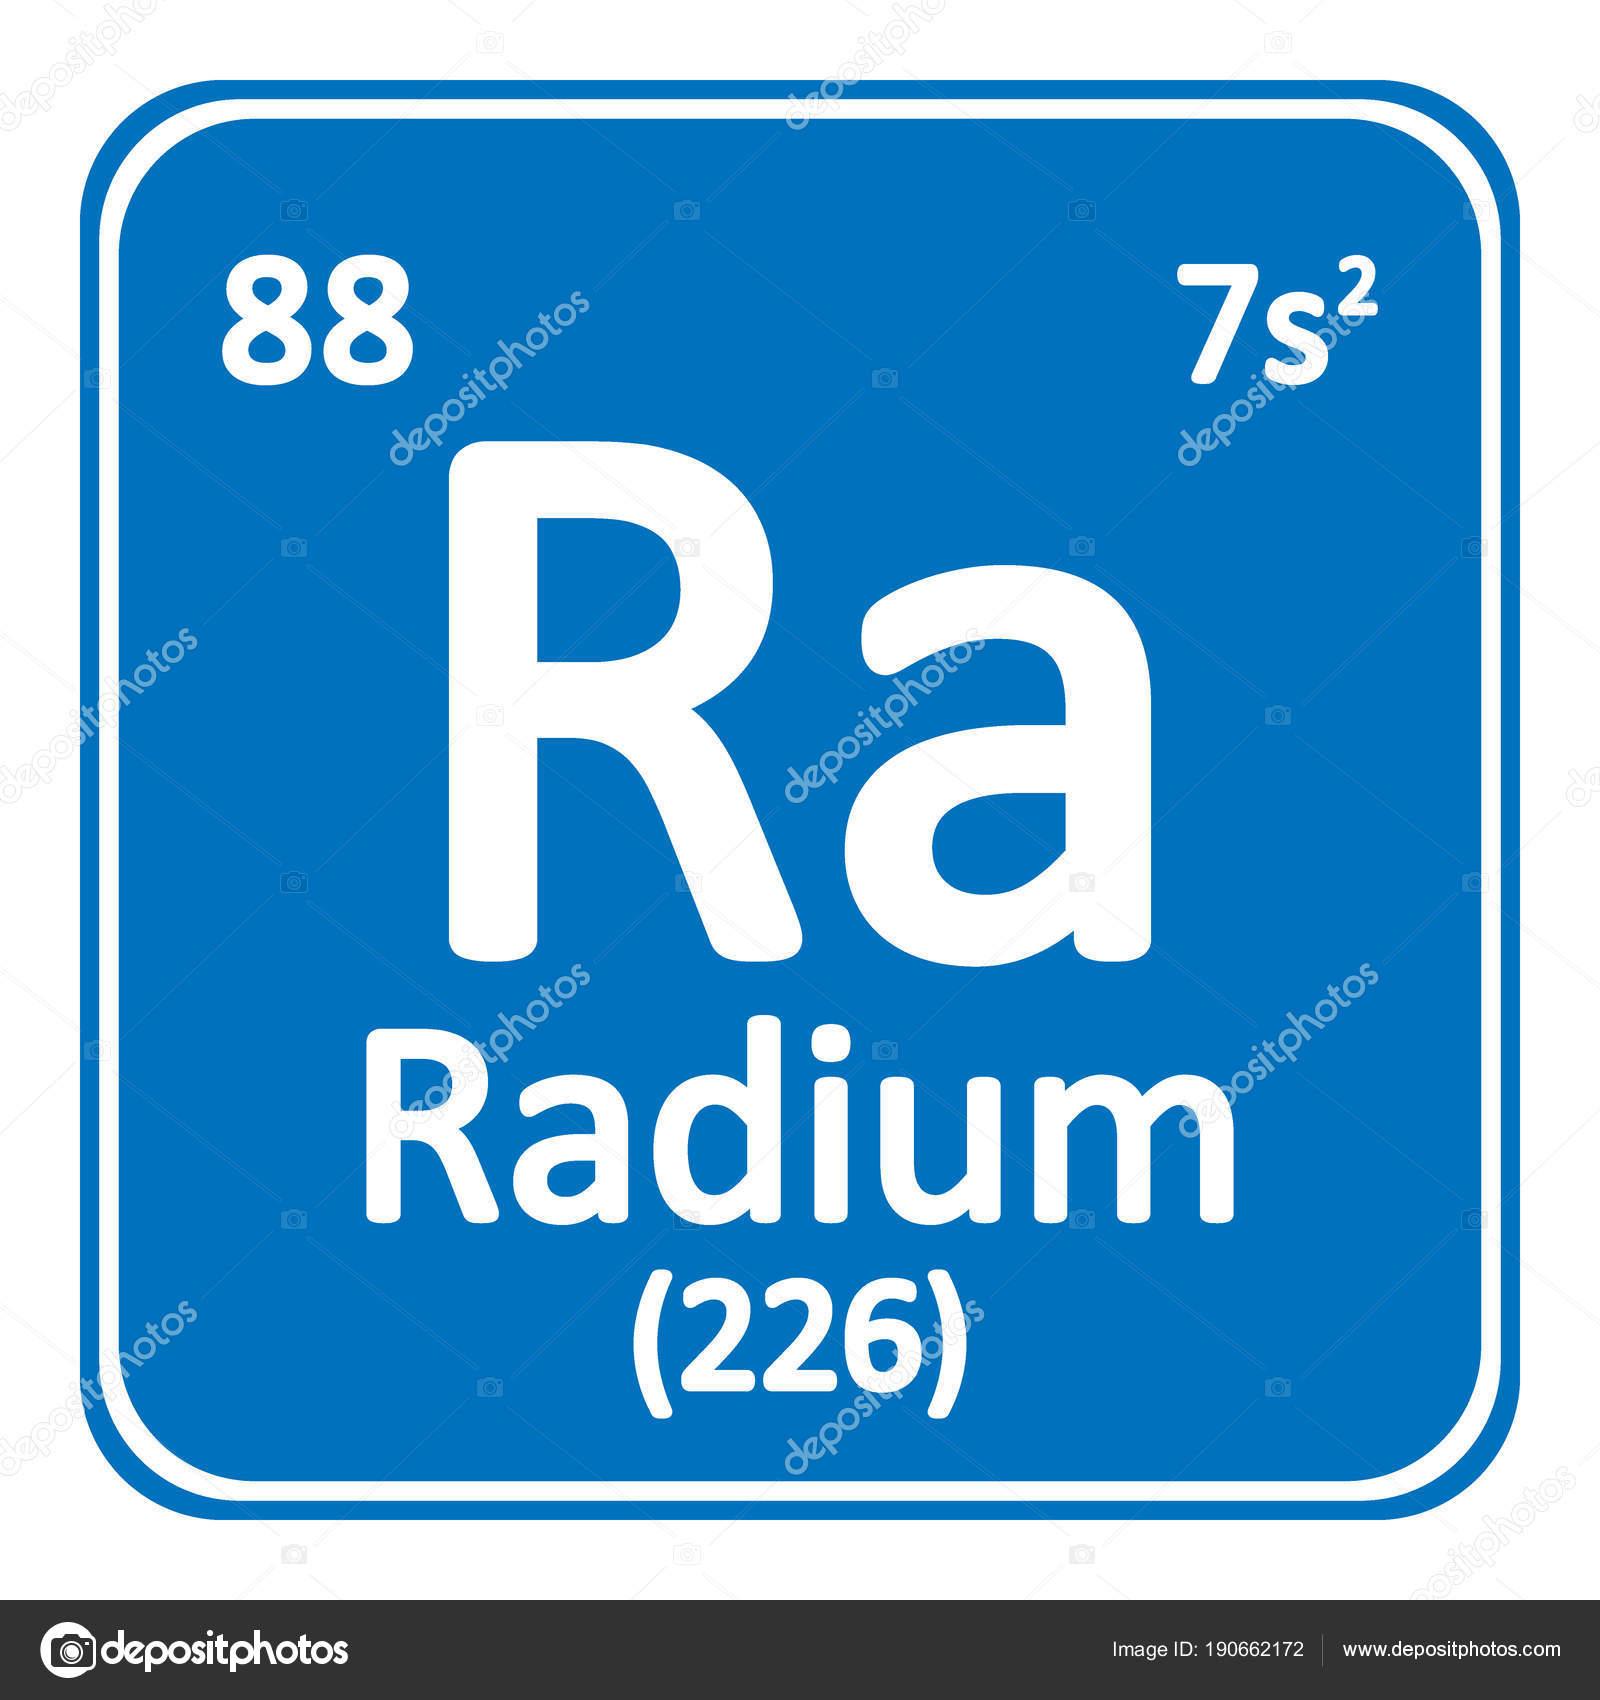 Icono de radio de elemento de tabla peridica archivo imgenes icono de radio de elemento de tabla peridica archivo imgenes vectoriales urtaz Image collections